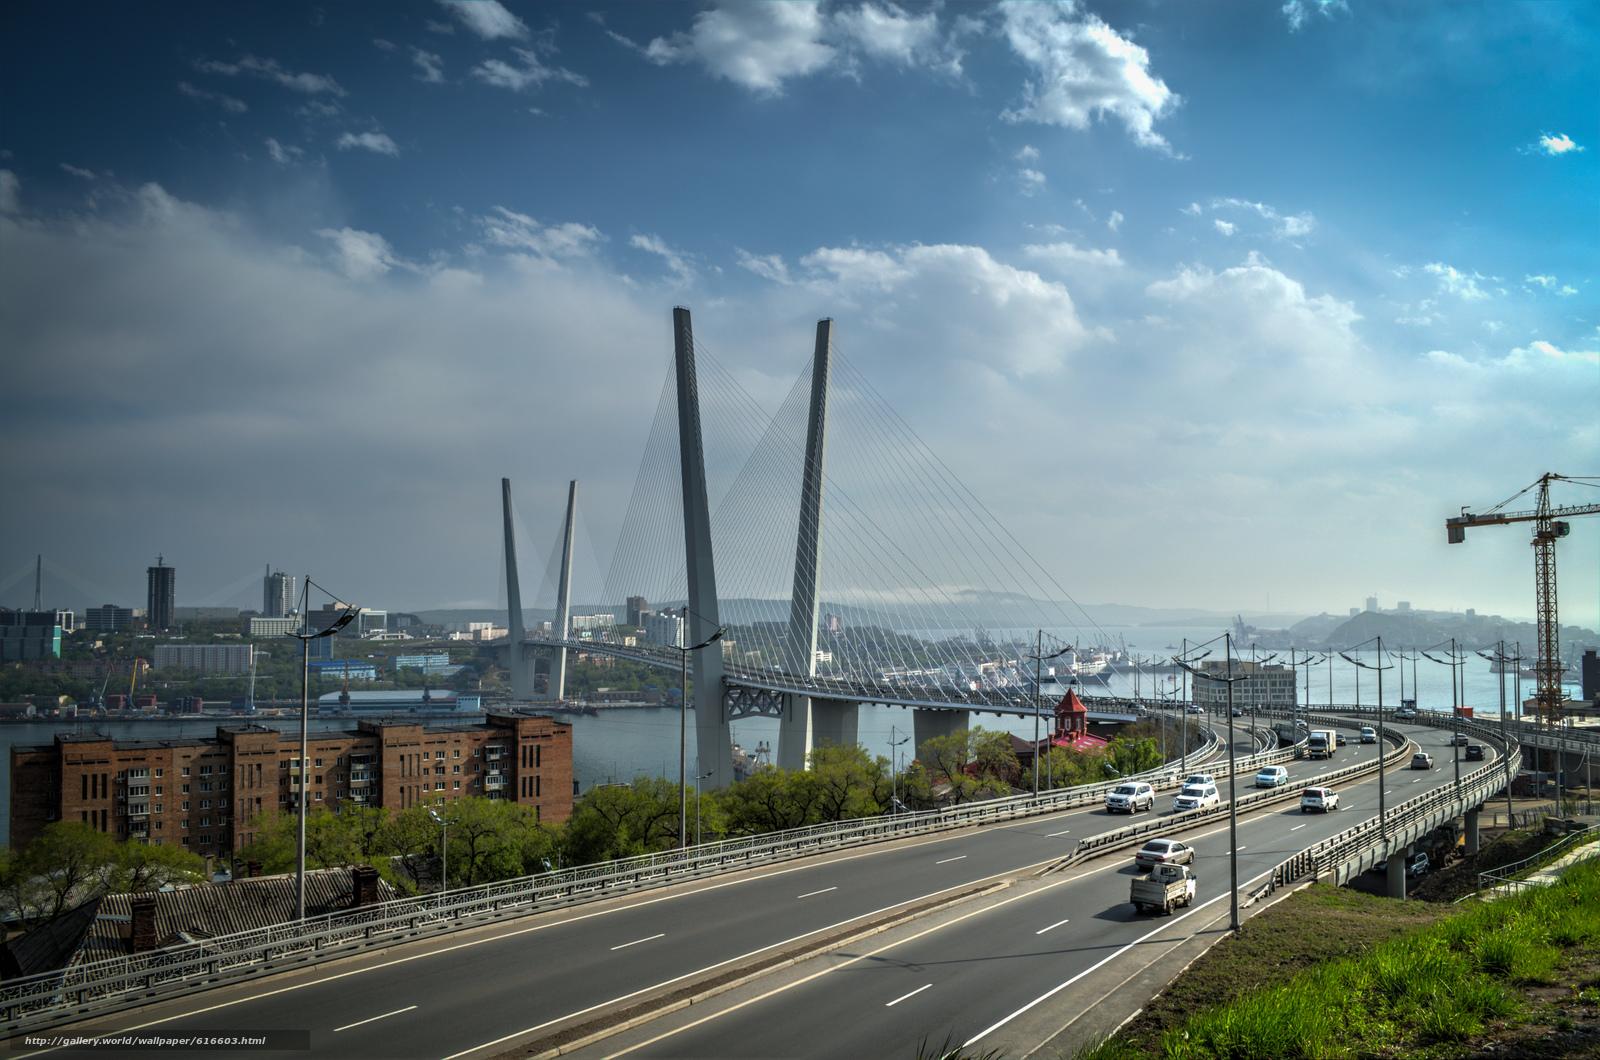 Download Hintergrund Wladiwostok,  Russland,  Brücke,  Straße Freie desktop Tapeten in der Auflosung 4942x3273 — bild №616603